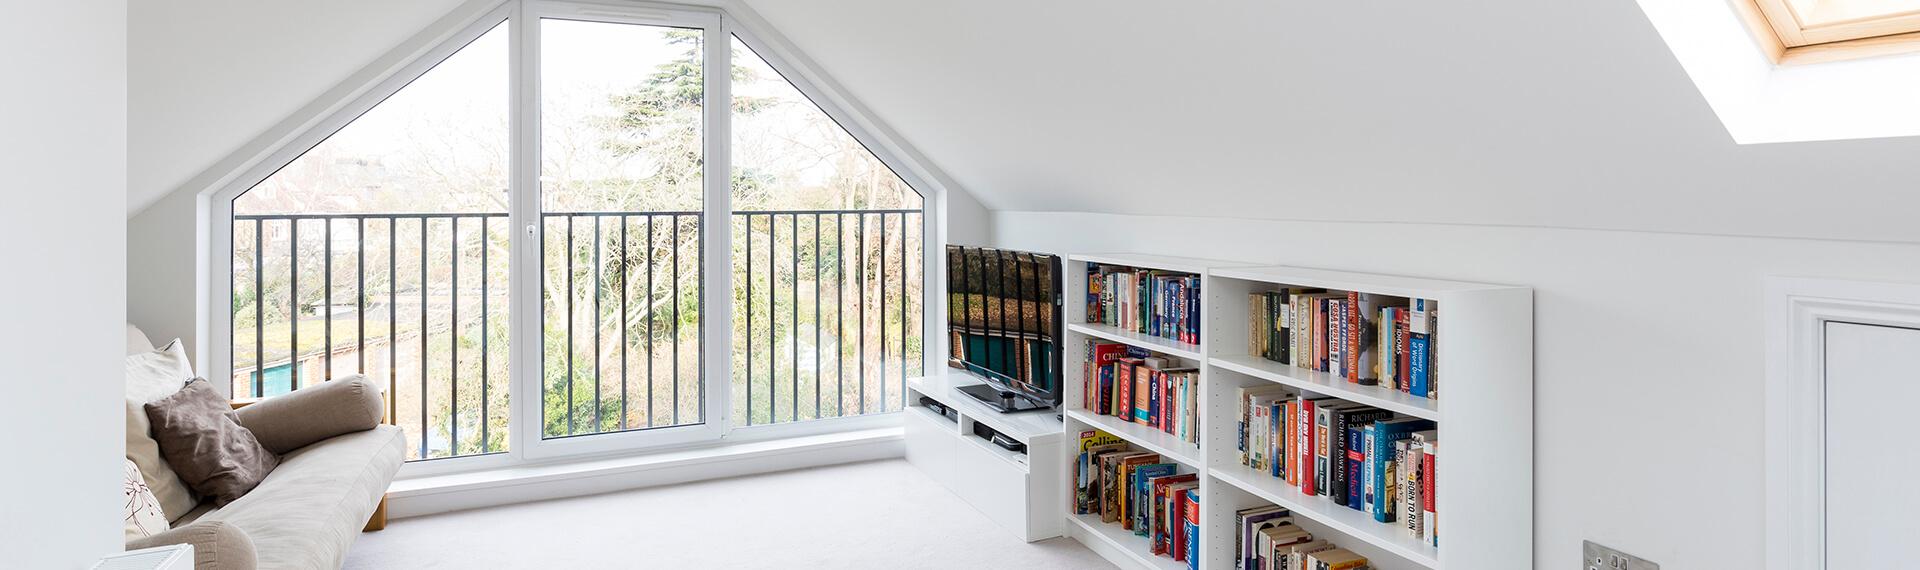 Loft Conversion Bedroom Ideas Proficiency